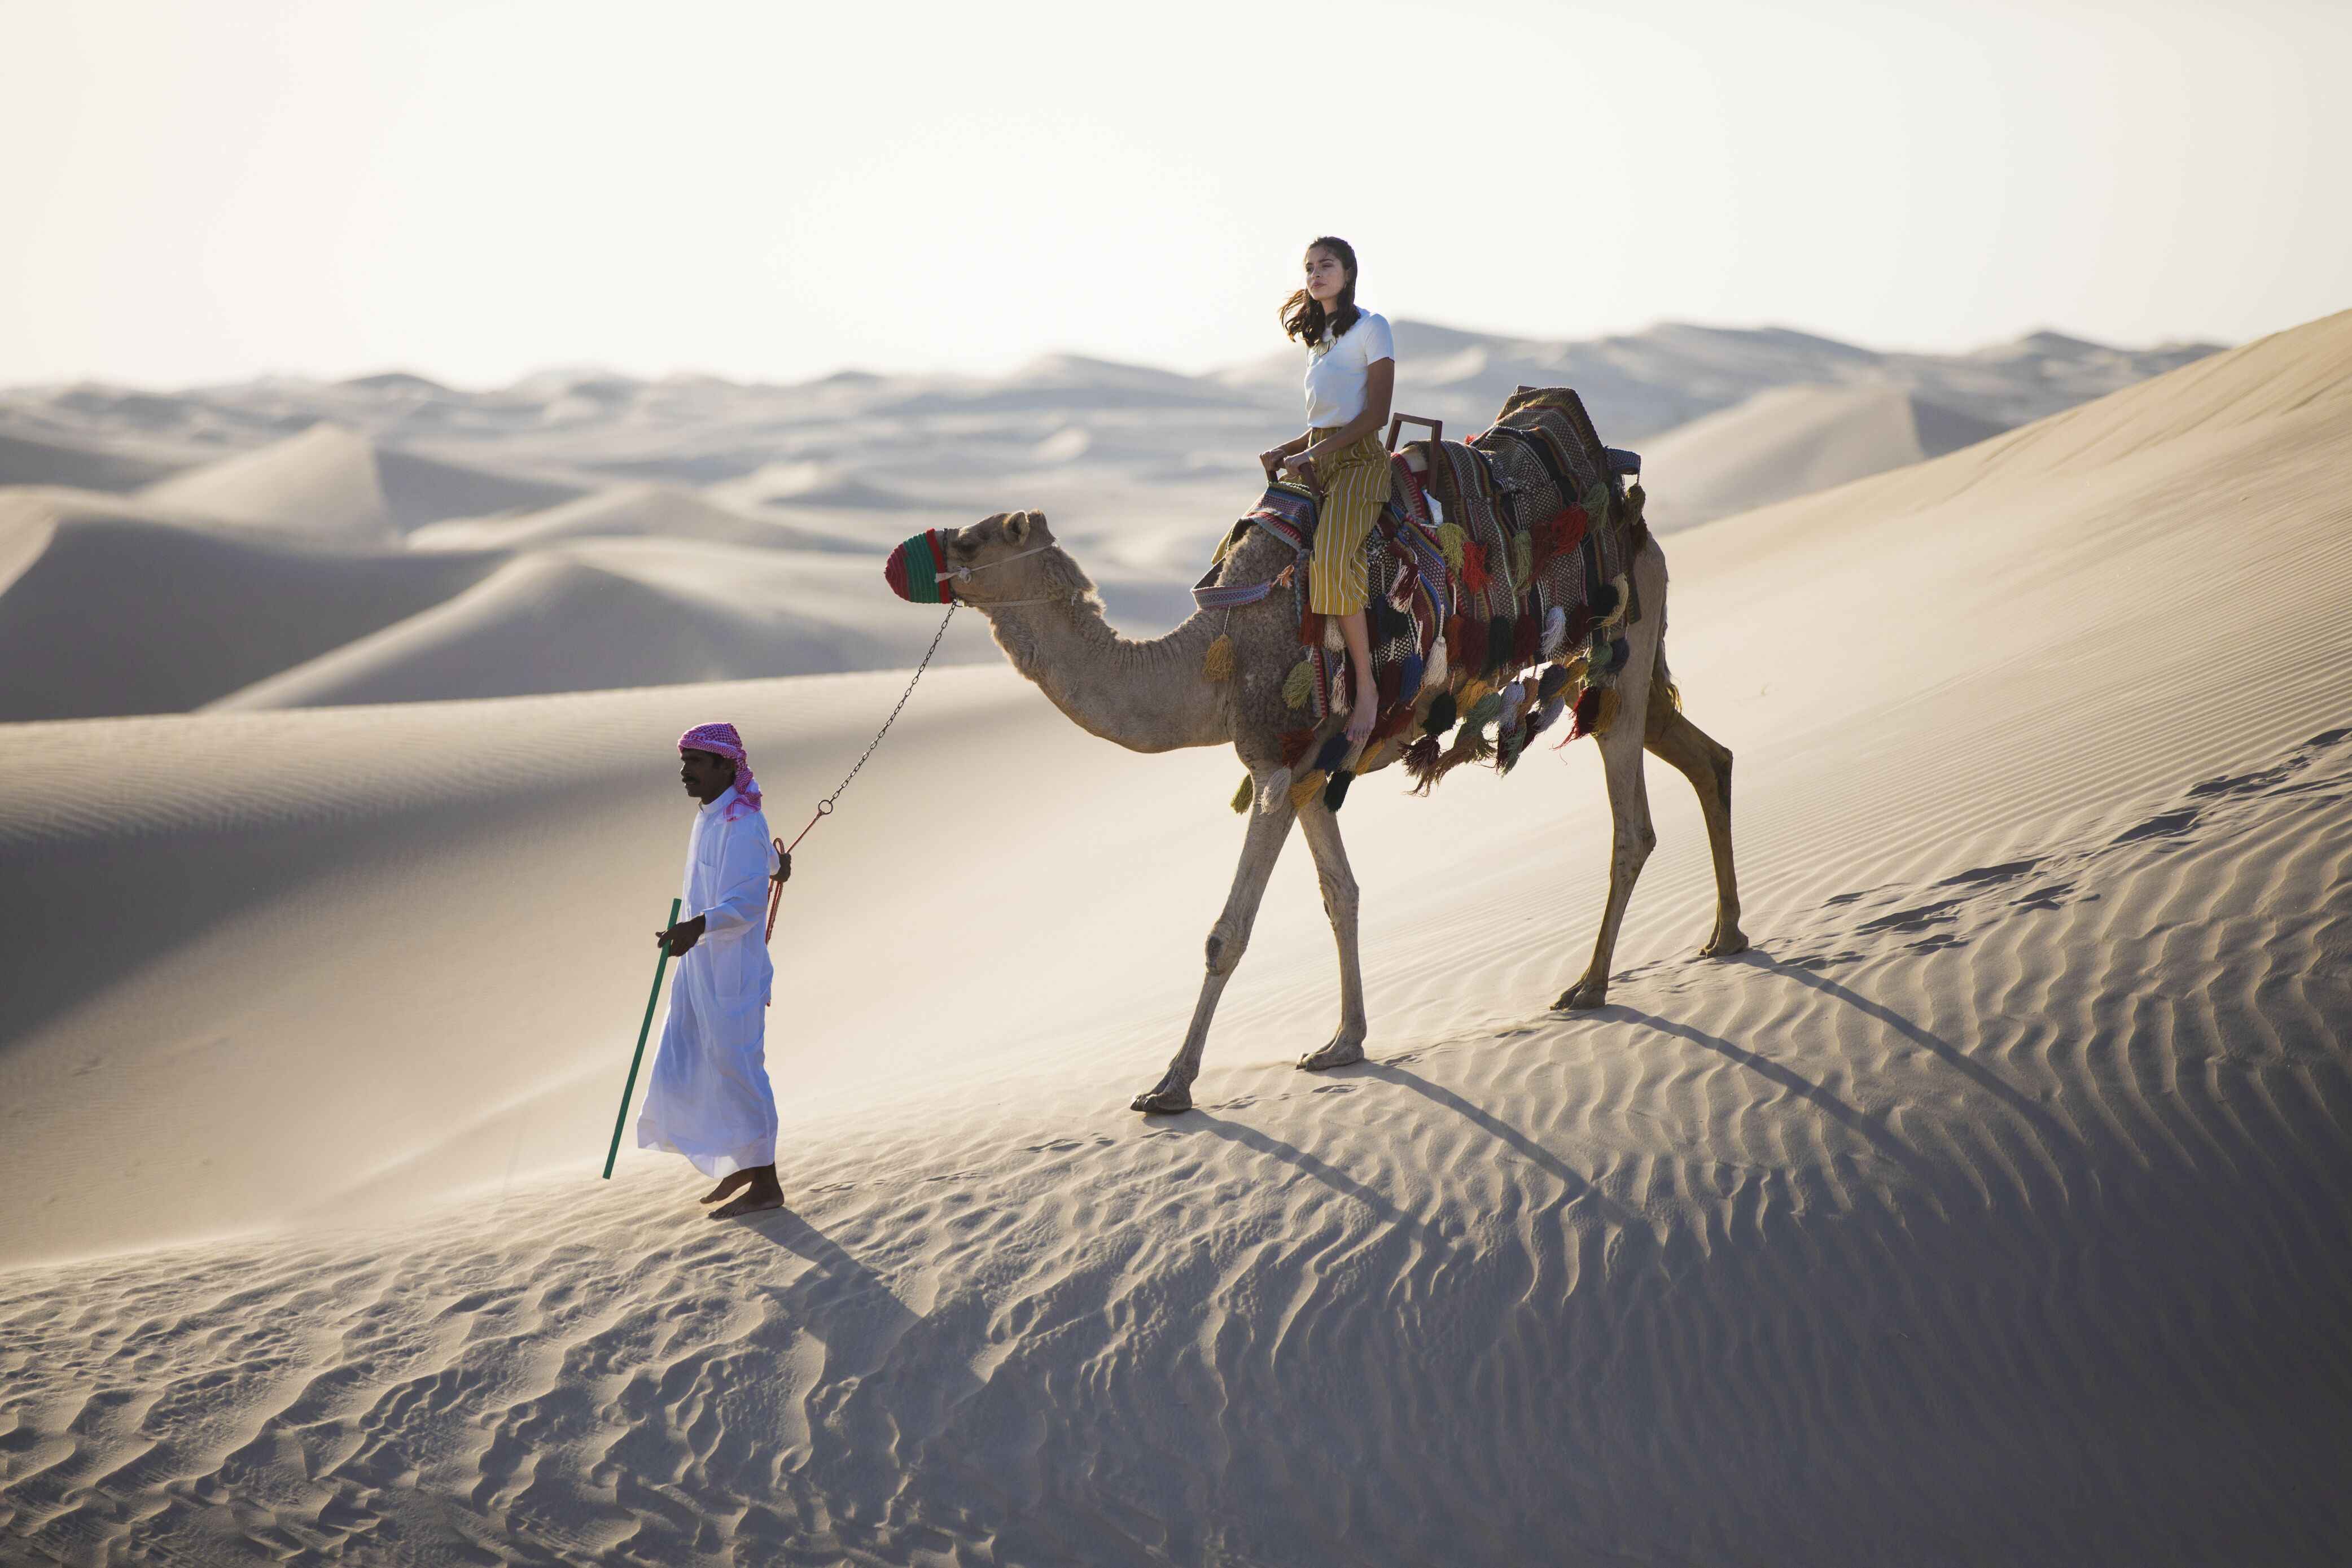 تاليس سبا أحدث ملاذ صحة و عافية إستثنائي في قلب صحراء أبوظبي